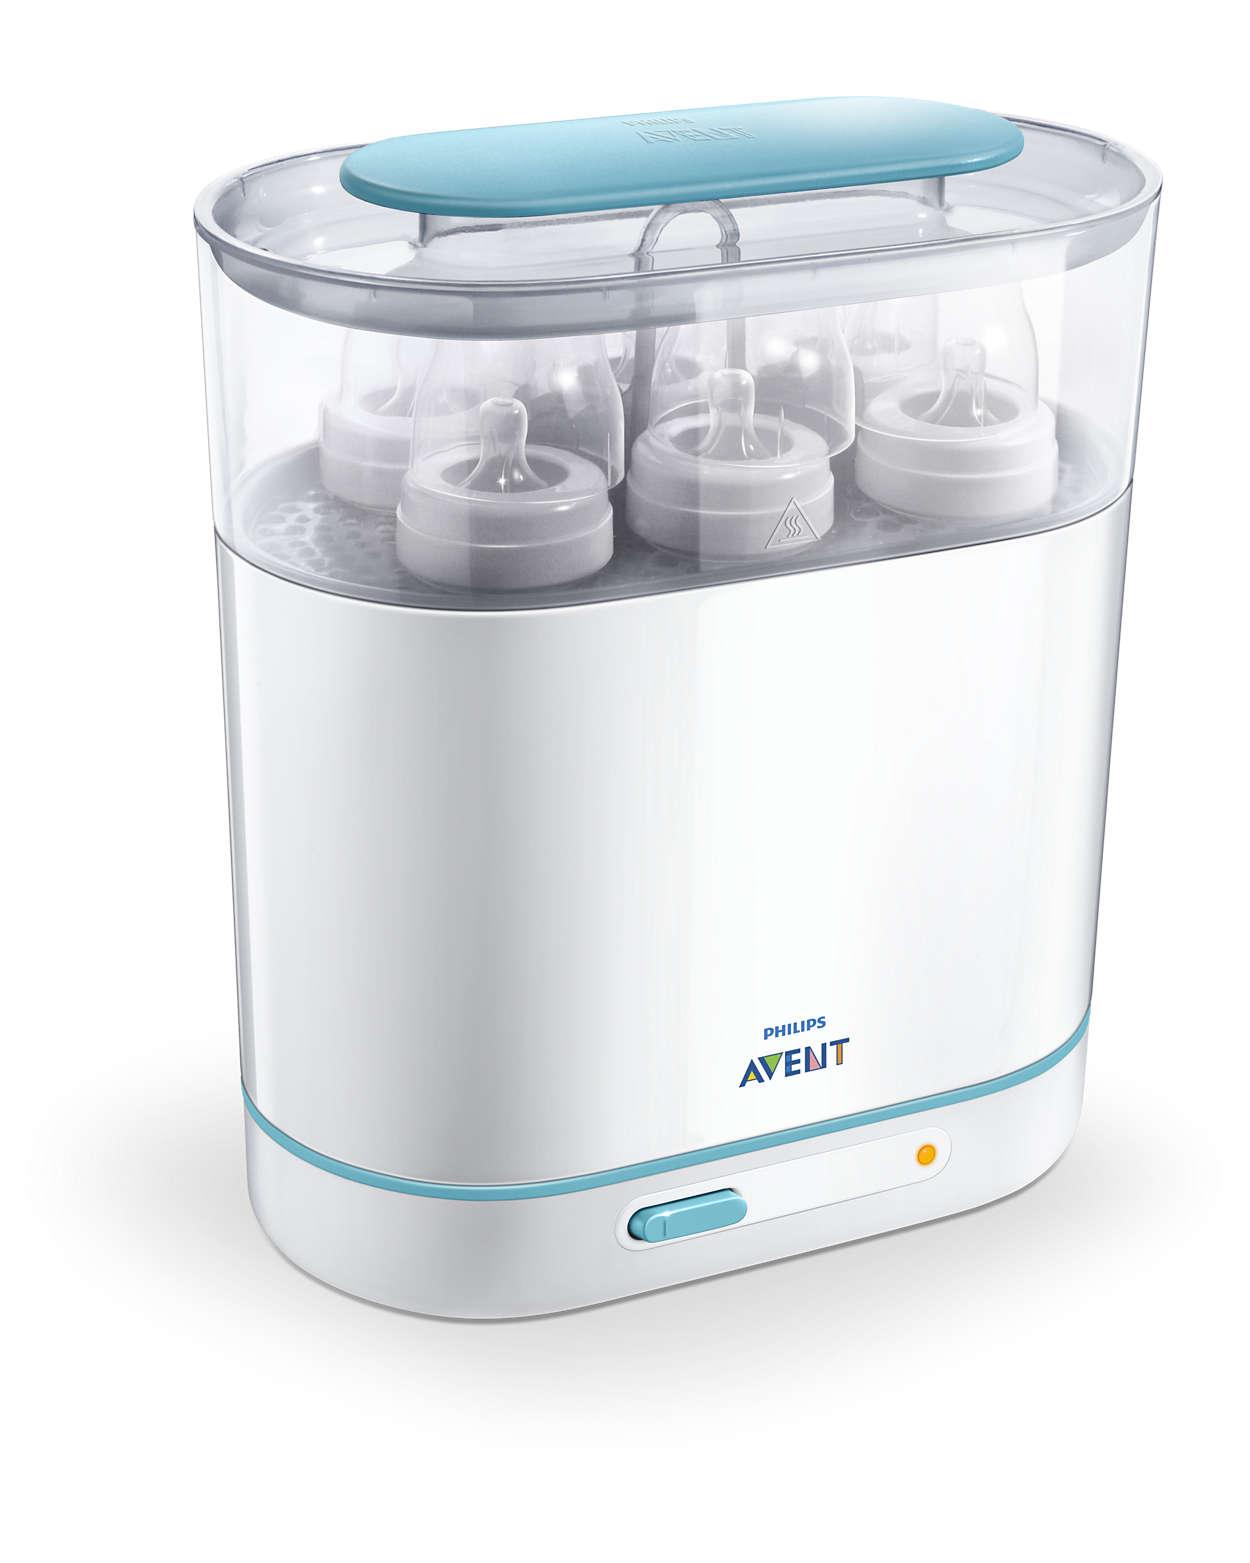 Microwave steam steriliser scf271/51 | avent.